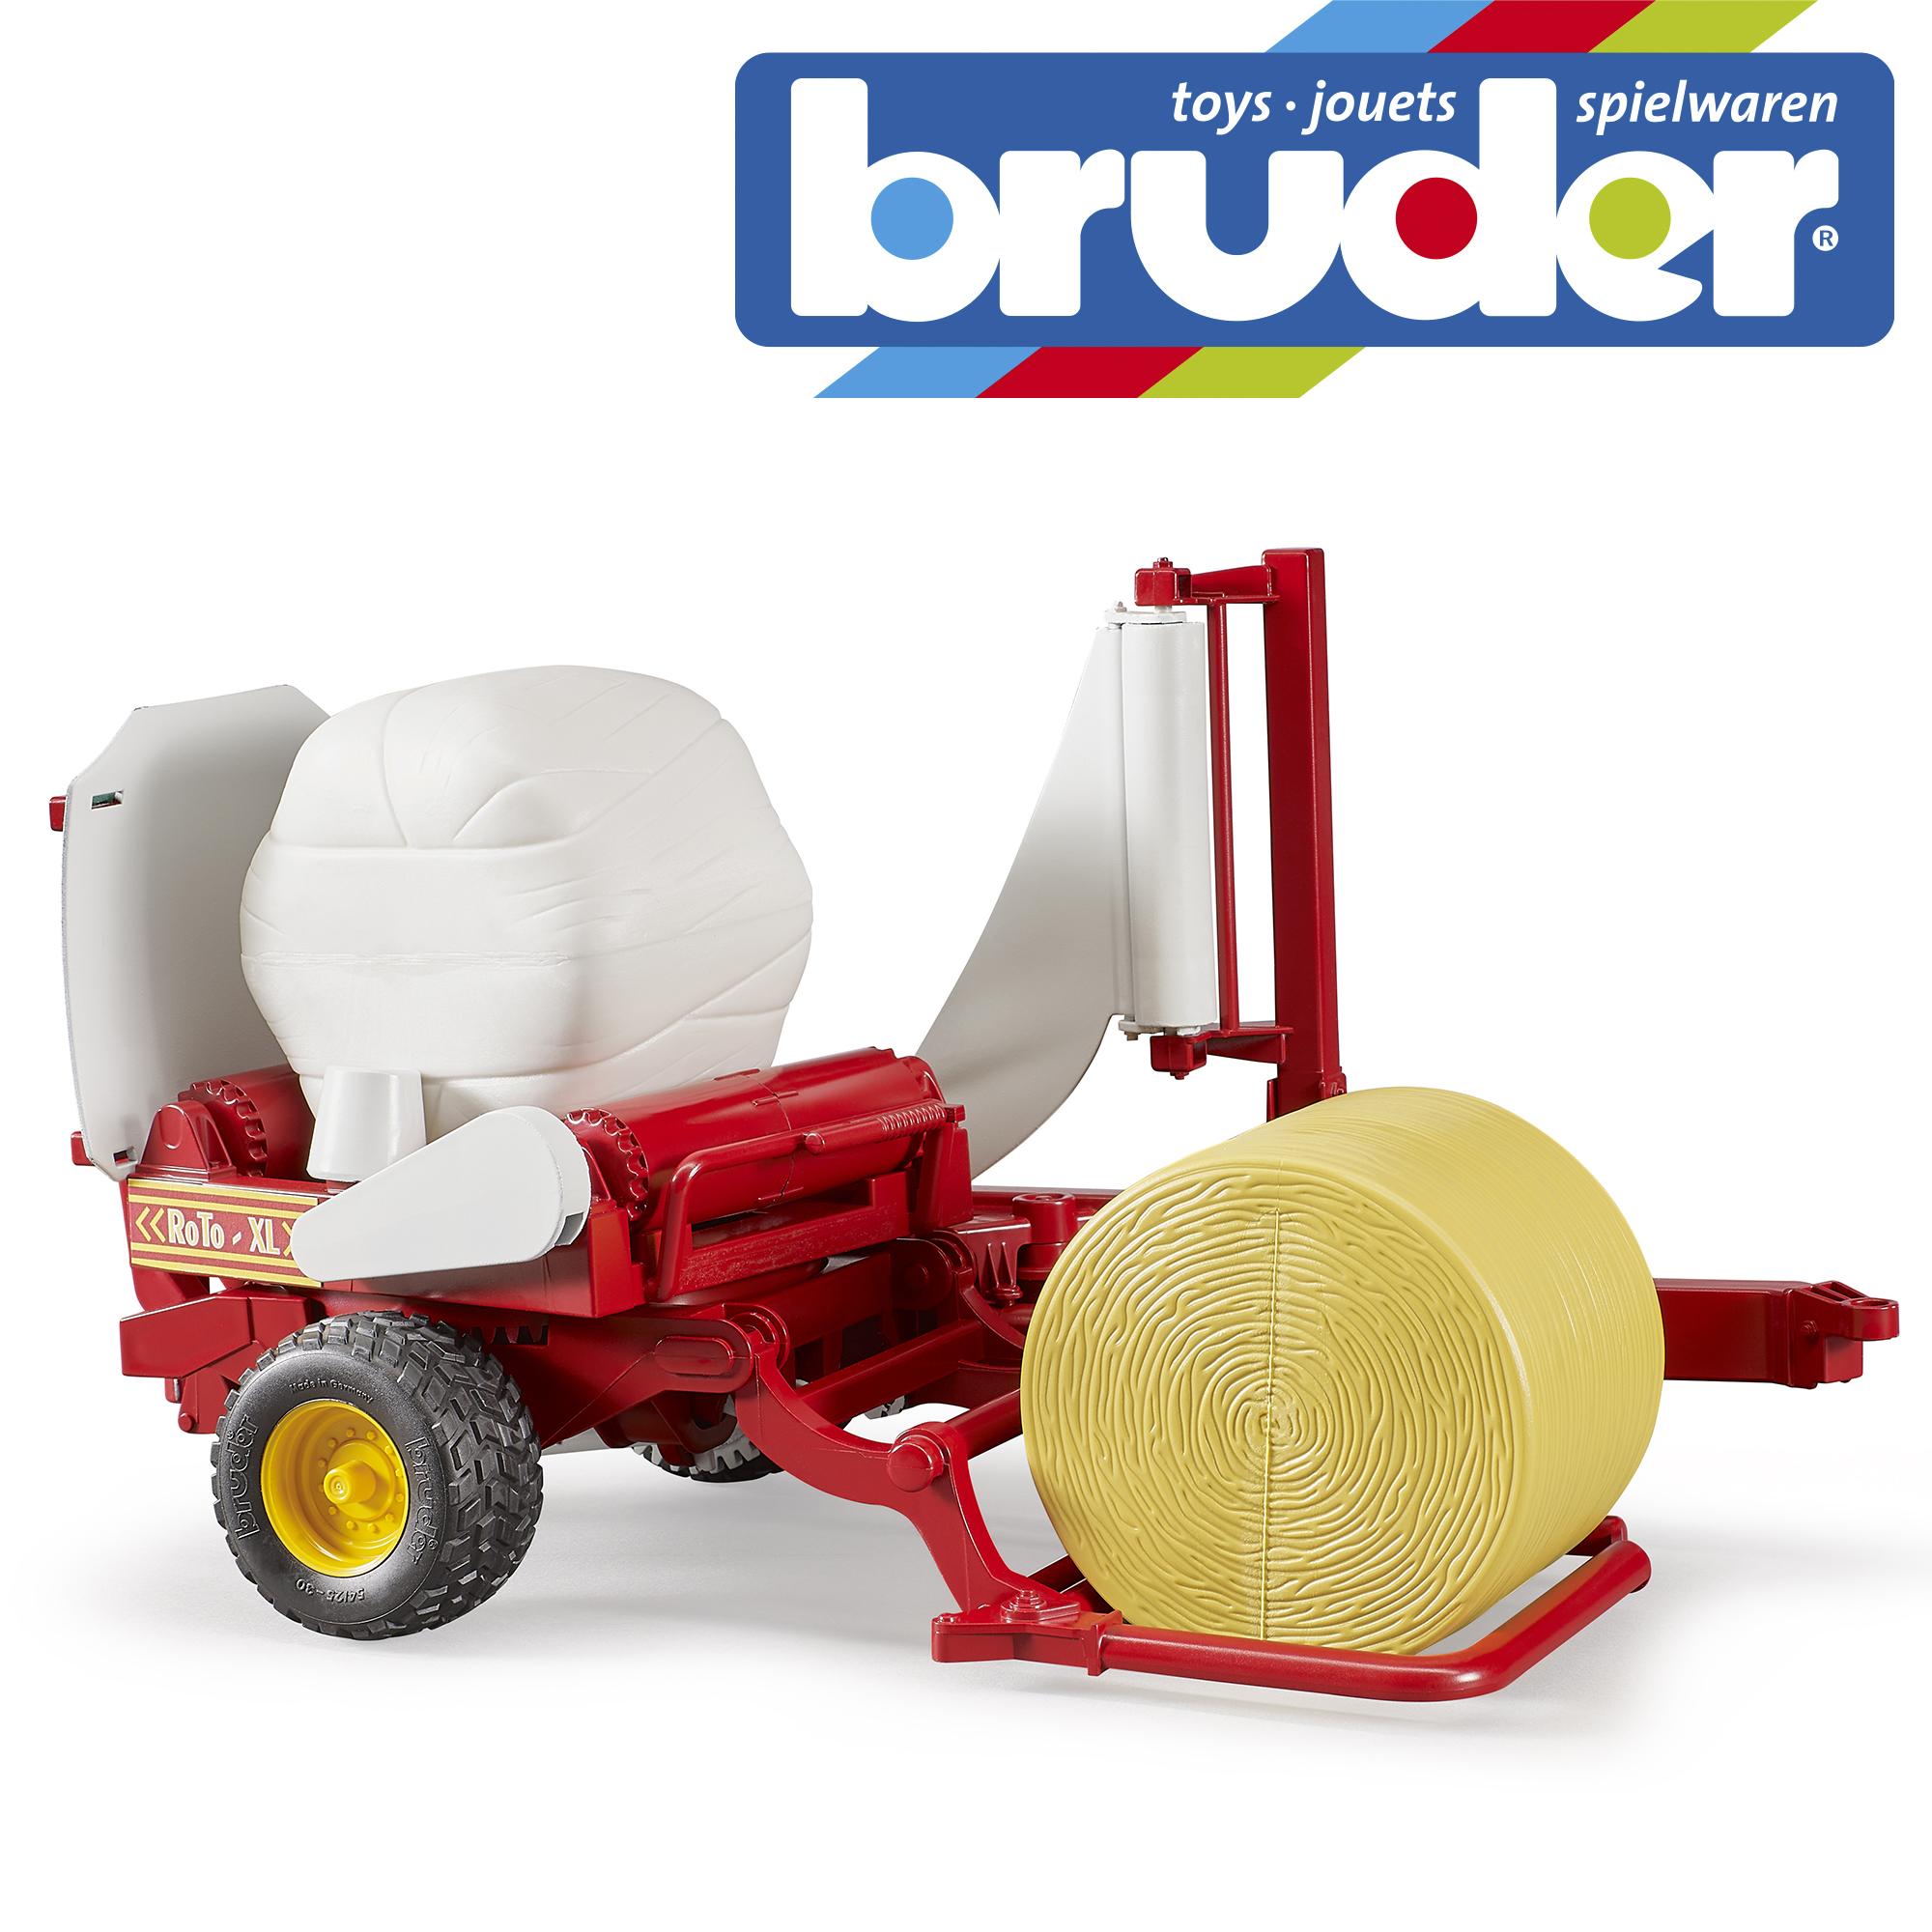 1,16 Bruder jouets 02122 pro series round bailer wrapper 2 Balles Noir Wrap